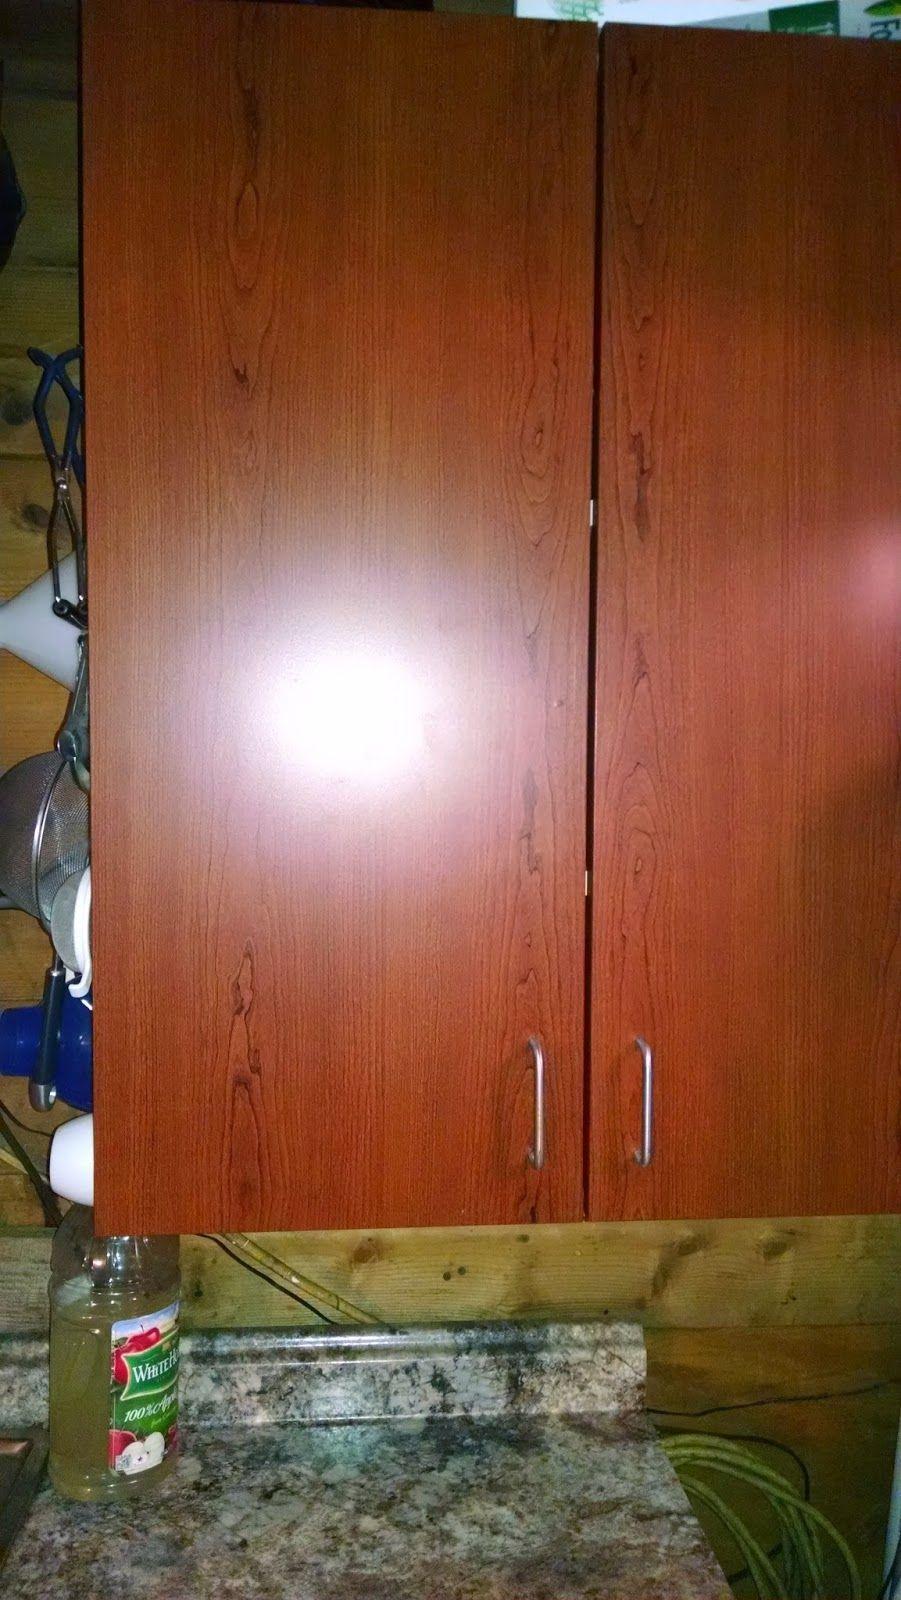 I 4 Details Diy Kitchen Cabinet Makeover Under 40 00 Cabinet Makeover Diy Diy Kitchen Cabinets Makeover Cabinet Makeover